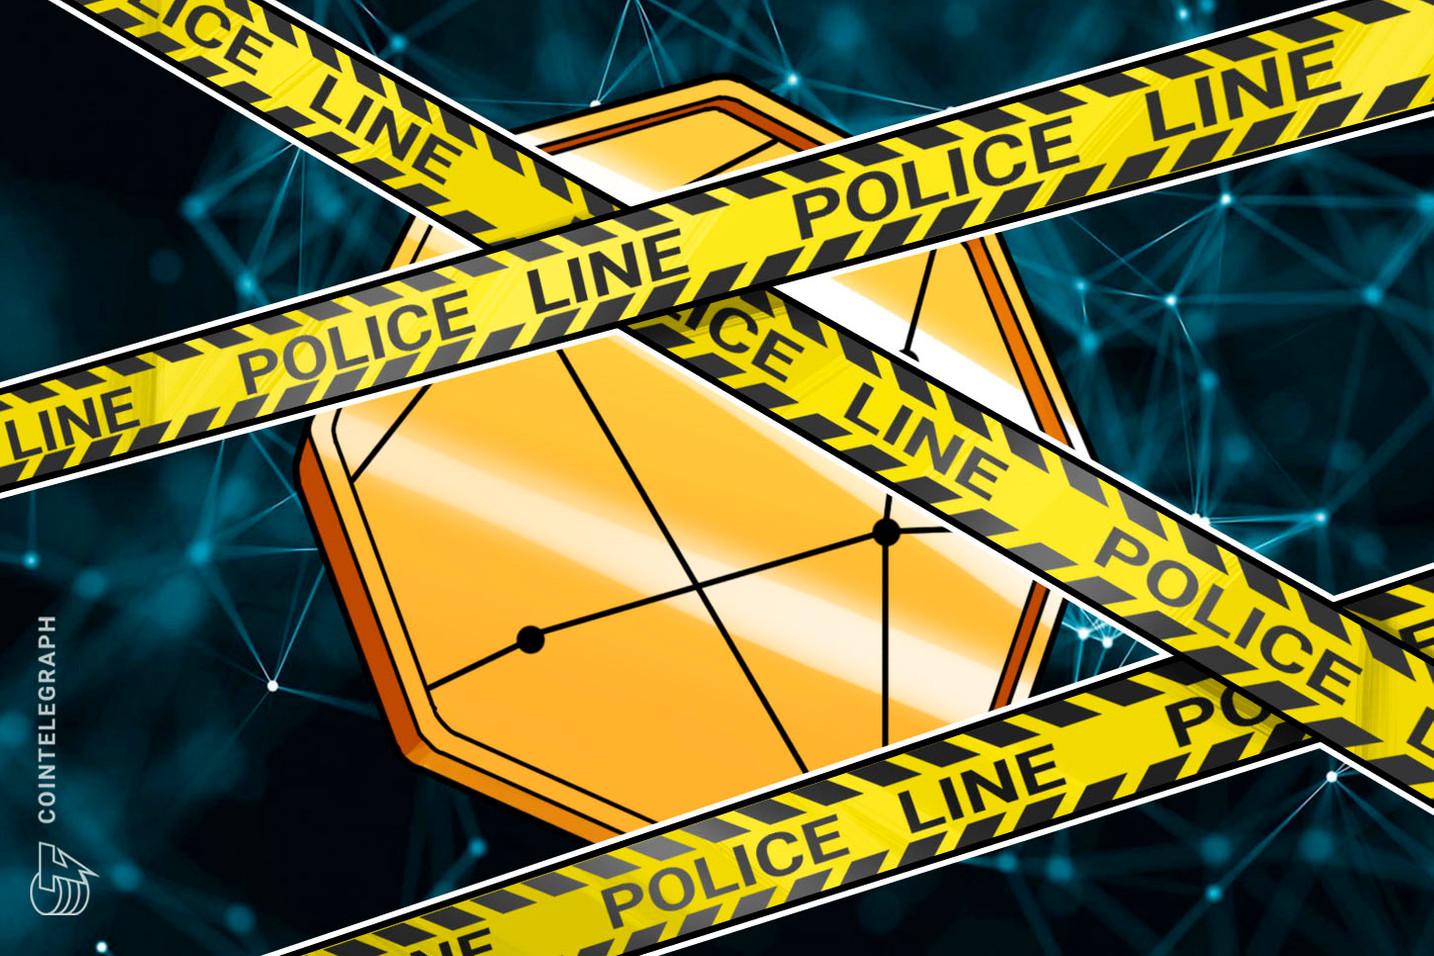 Cryptopia não retomará negócios até que balanços estejam seguros, segundo mensagem